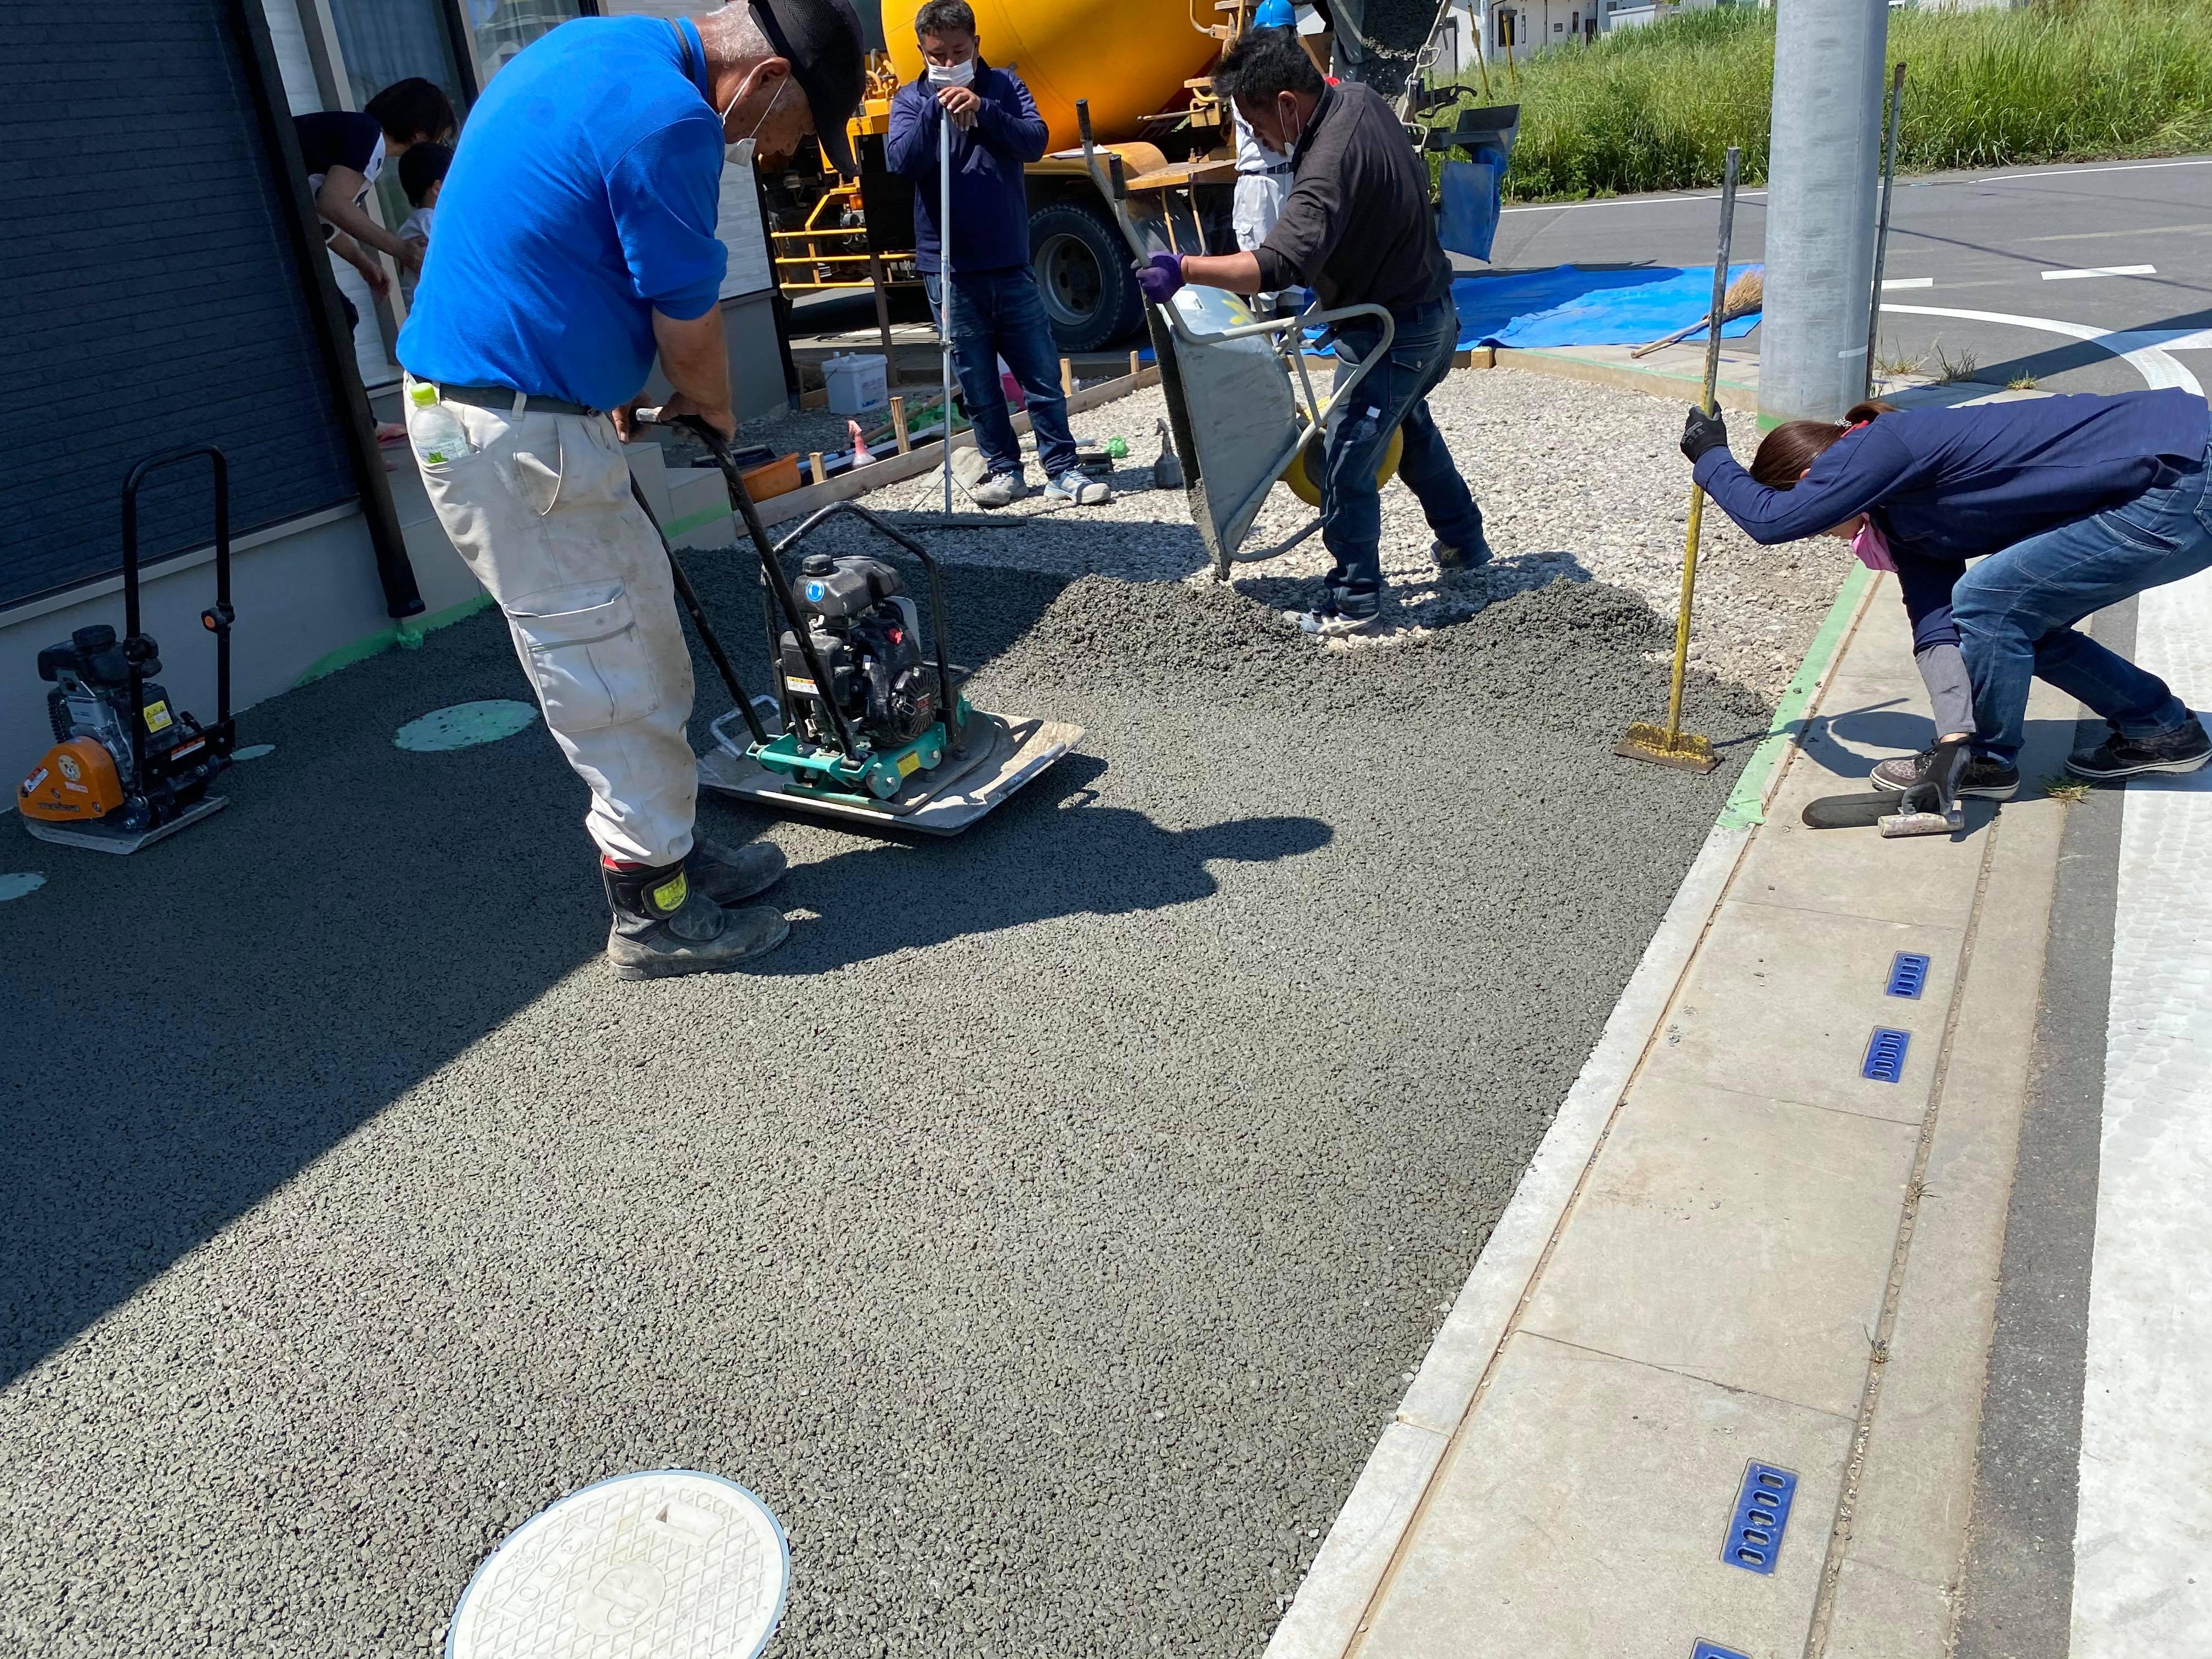 【埼玉】魔法の質問「透水性コンクリートも検討したいのですが」前向きな施工者の見分け方